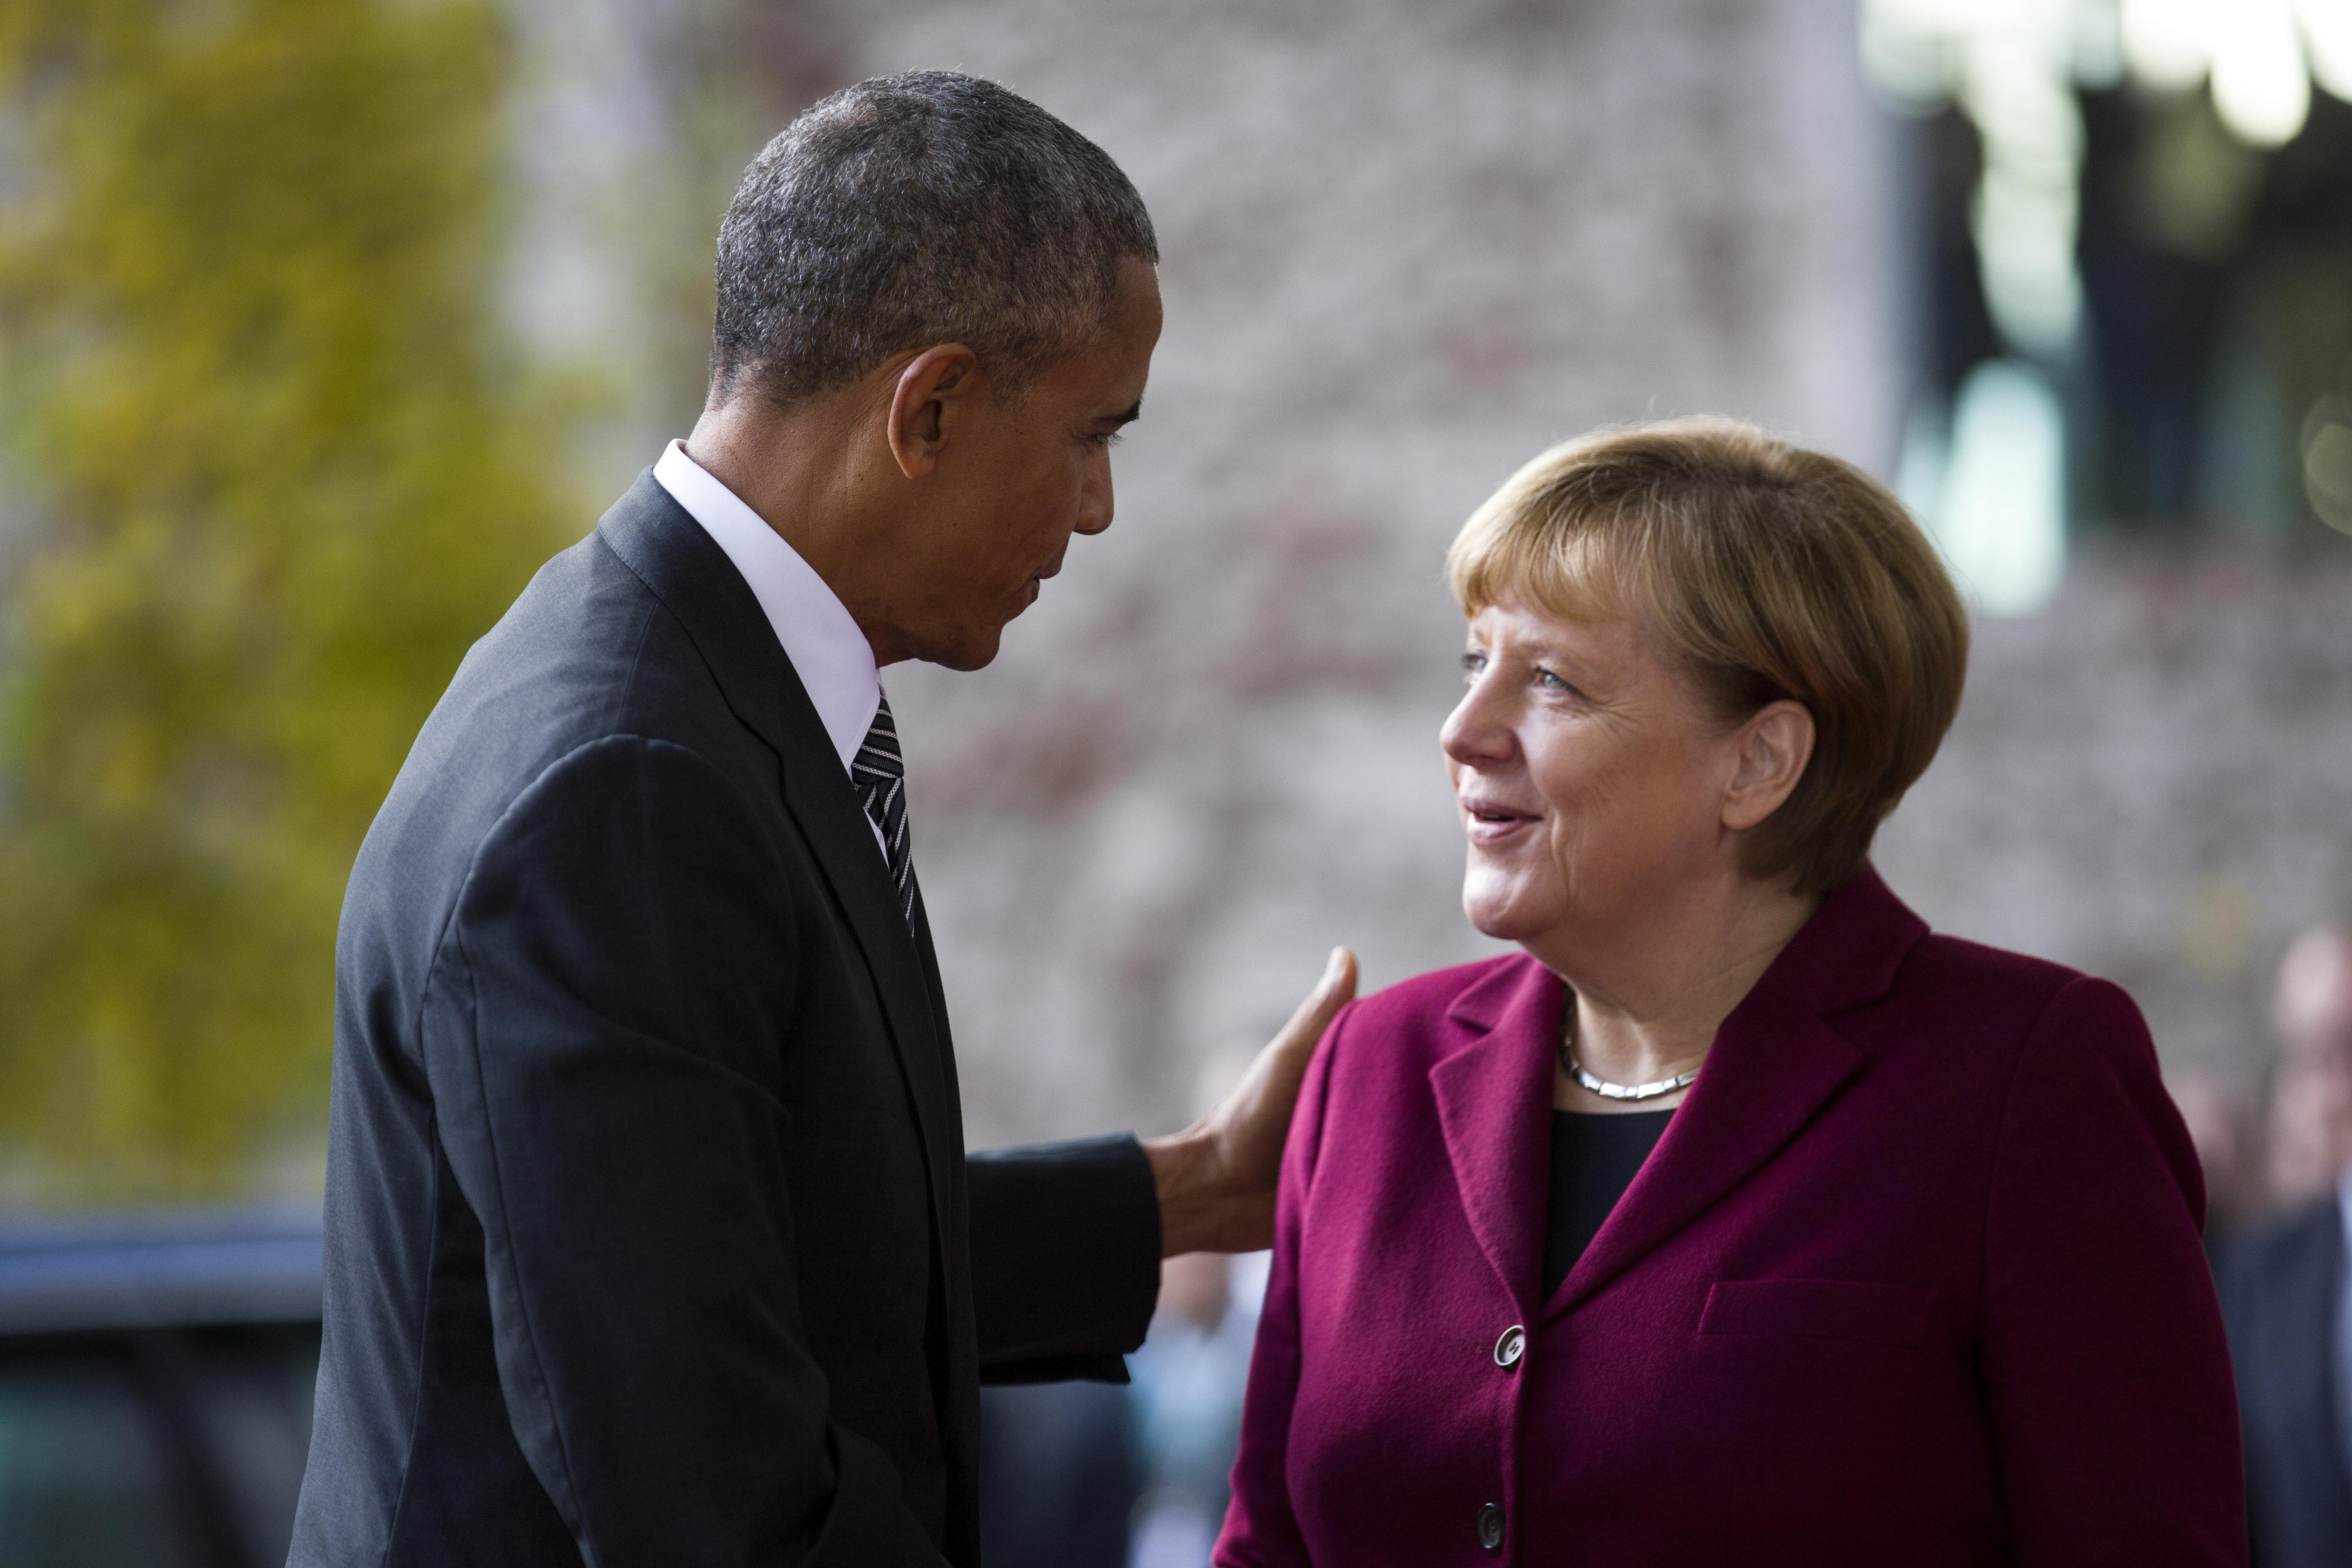 Buch enthüllt neue Details über die Beziehung von Merkel und